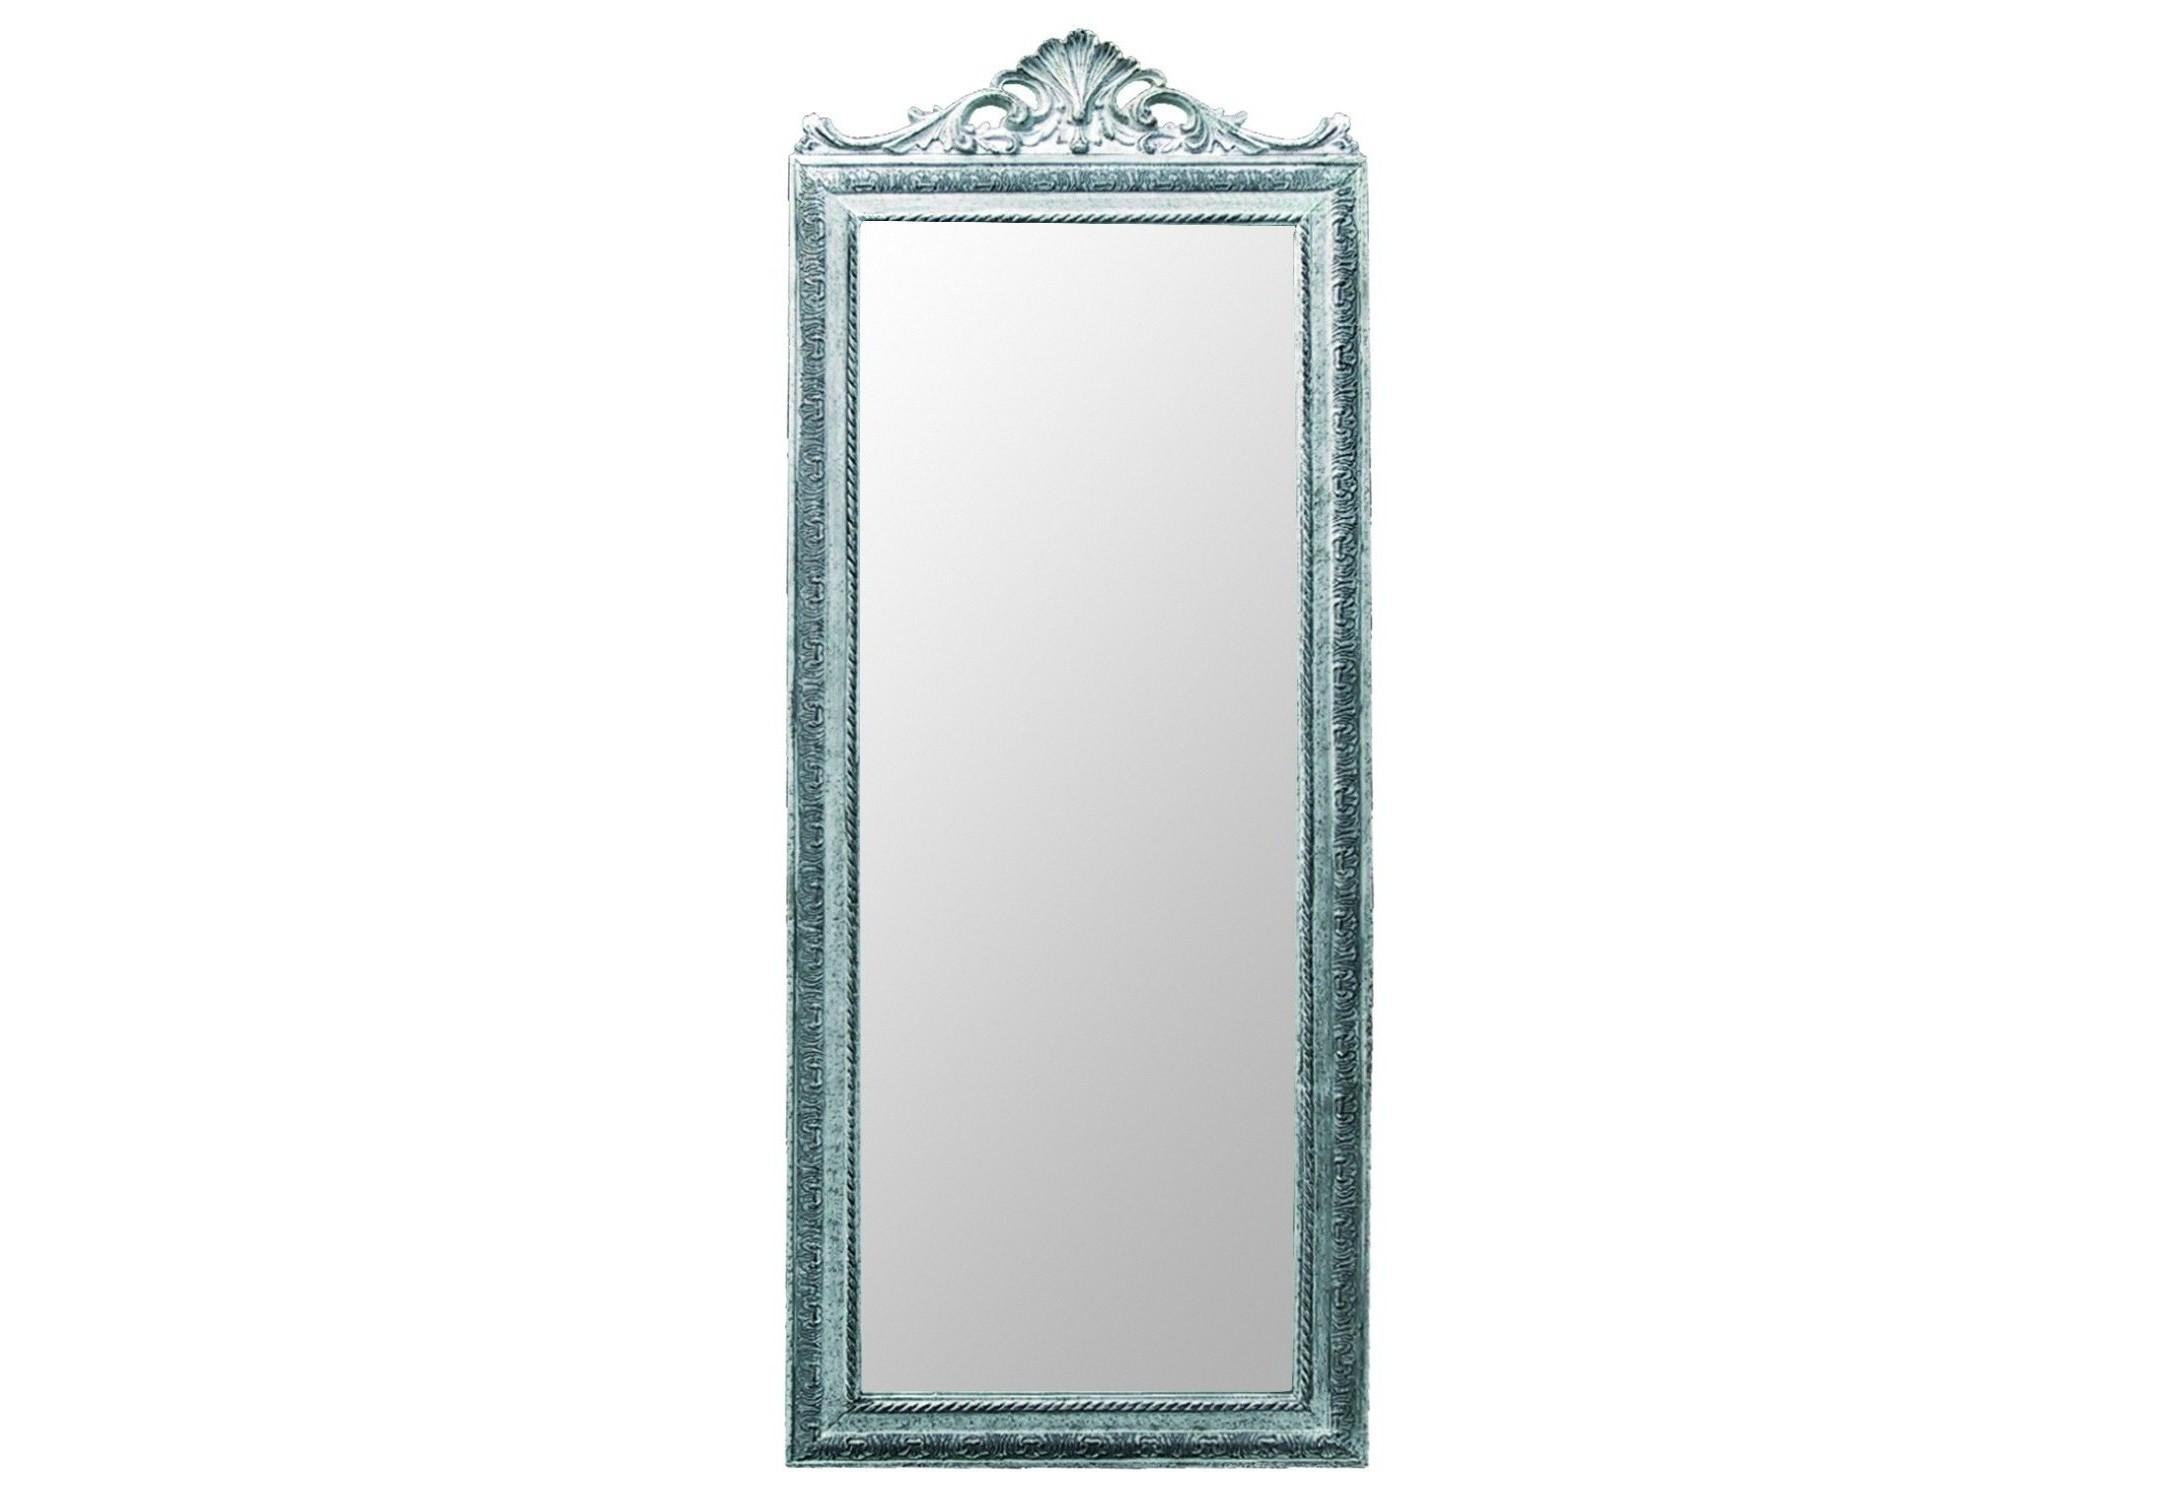 Зеркало настенное CvedaНастенные зеркала<br><br><br>Material: Полистоун<br>Width см: 50<br>Depth см: 2<br>Height см: 130